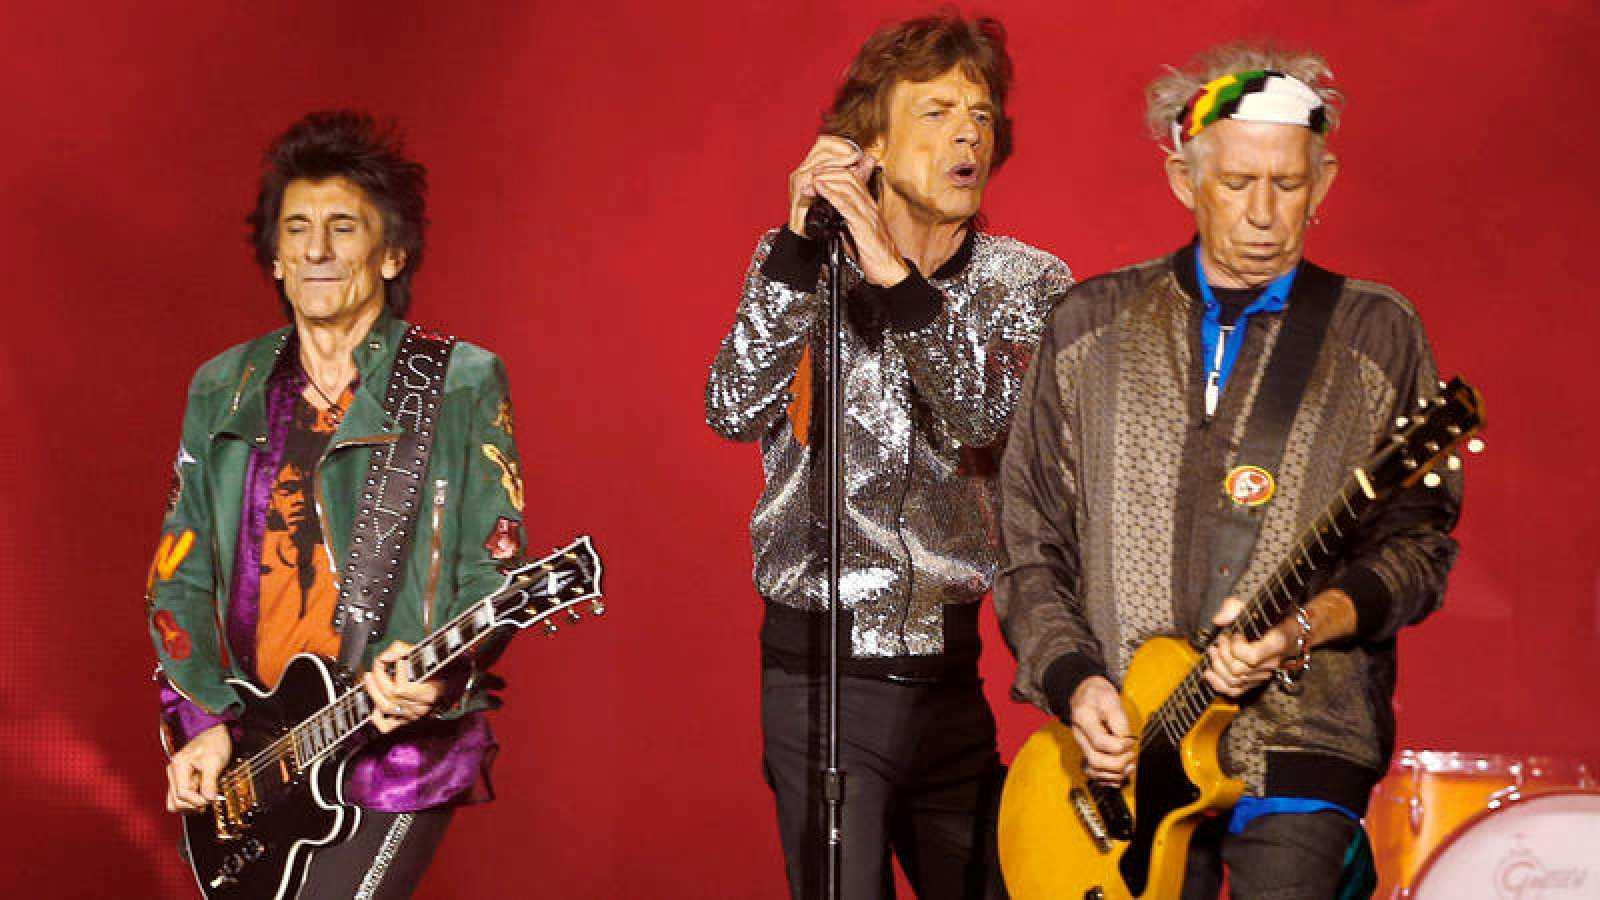 Ron Wood, Mick Jagger y Keith Richards durante un concierto de los Rolling Stones en Hamburgo en septiembre de 2017